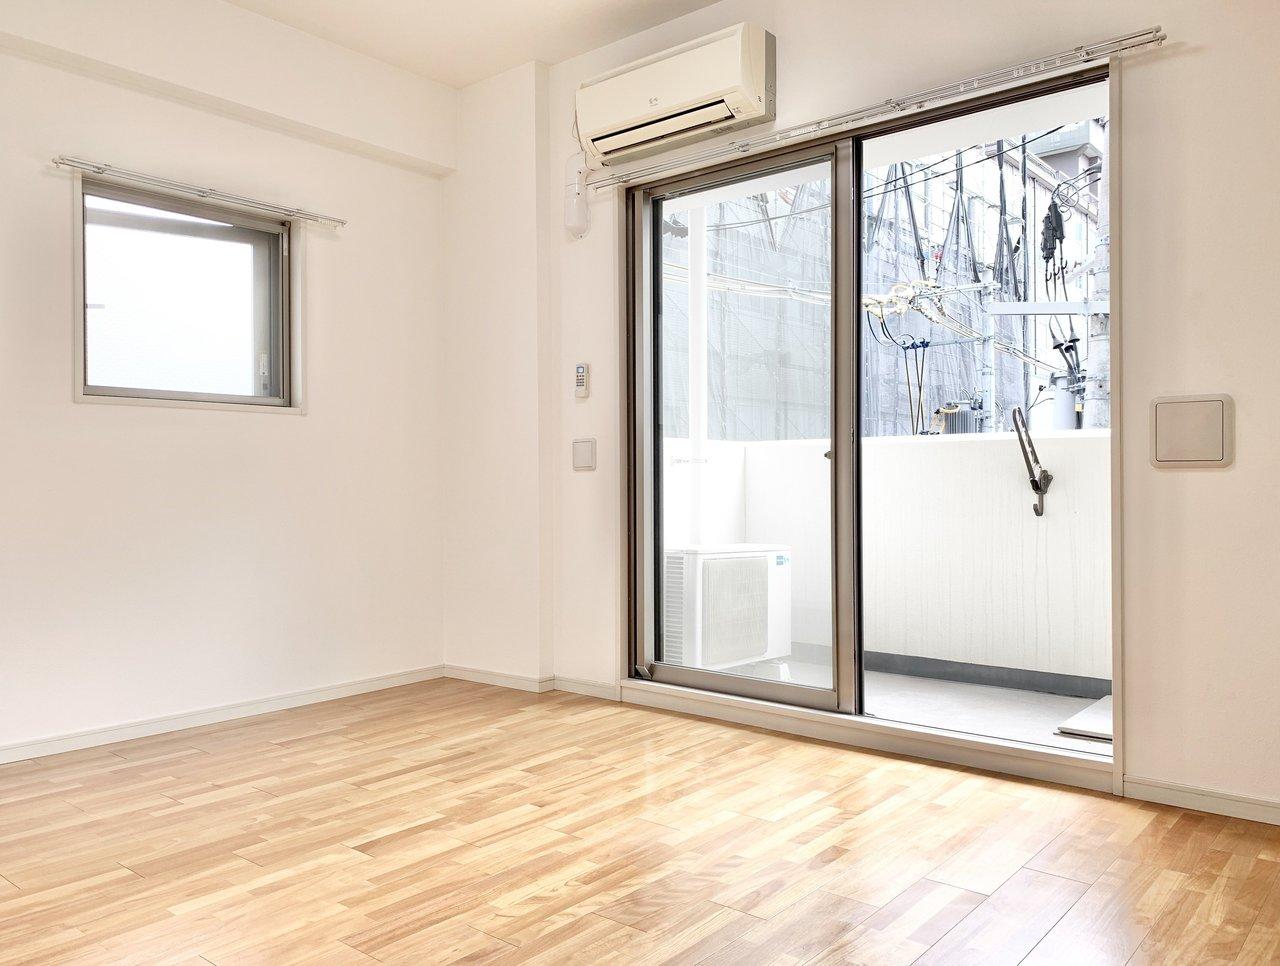 駅から徒歩1分。少し余裕のある7.3畳のお部屋は、角部屋のため2面採光です。